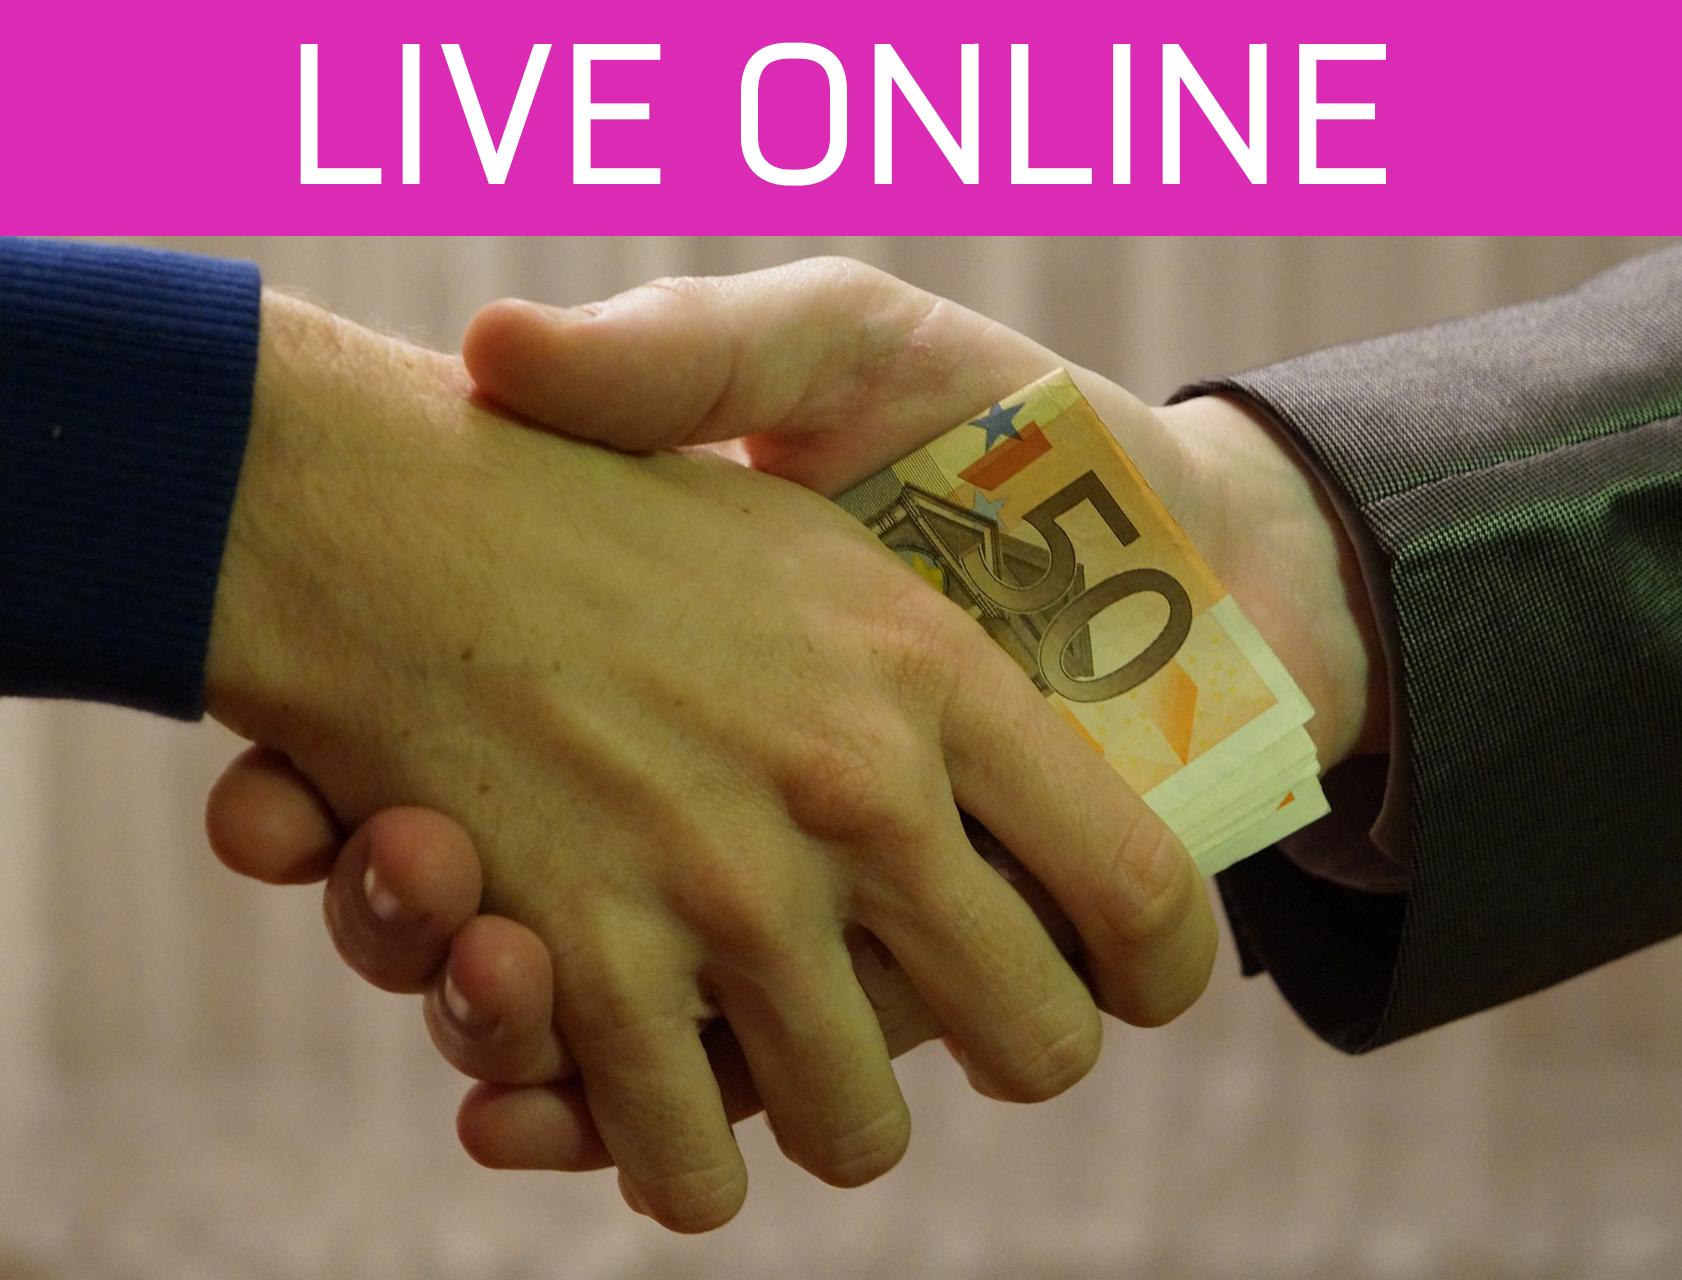 Csalásvizsgáló-Pénzügyi tranzakciók és csalástípusok